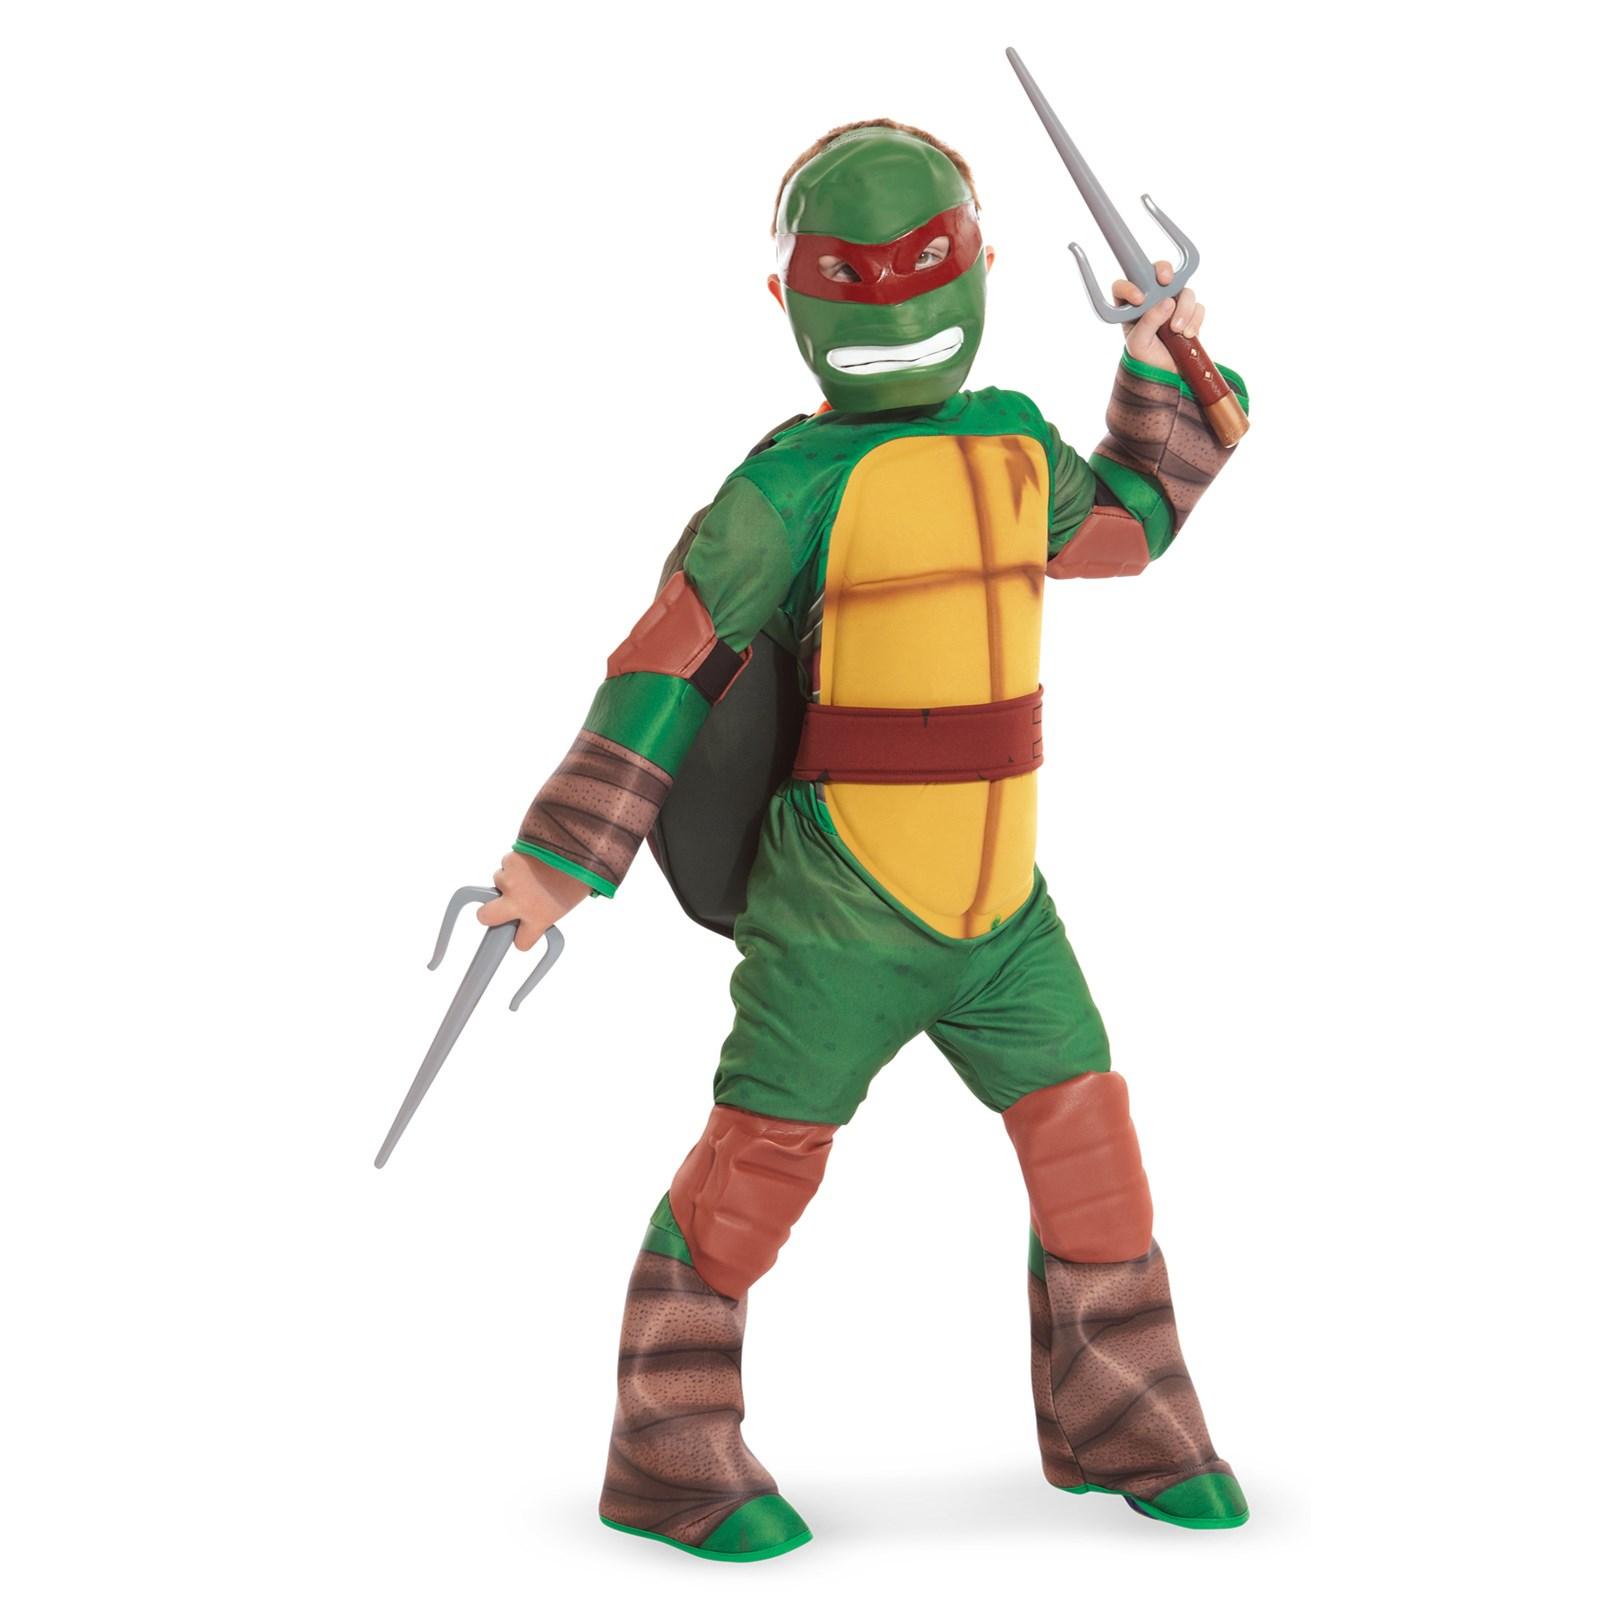 teenage mutant ninja turtle raphael kids costume with vinyl mask - Teenage Mutant Ninja Turtles Halloween Costumes For Kids